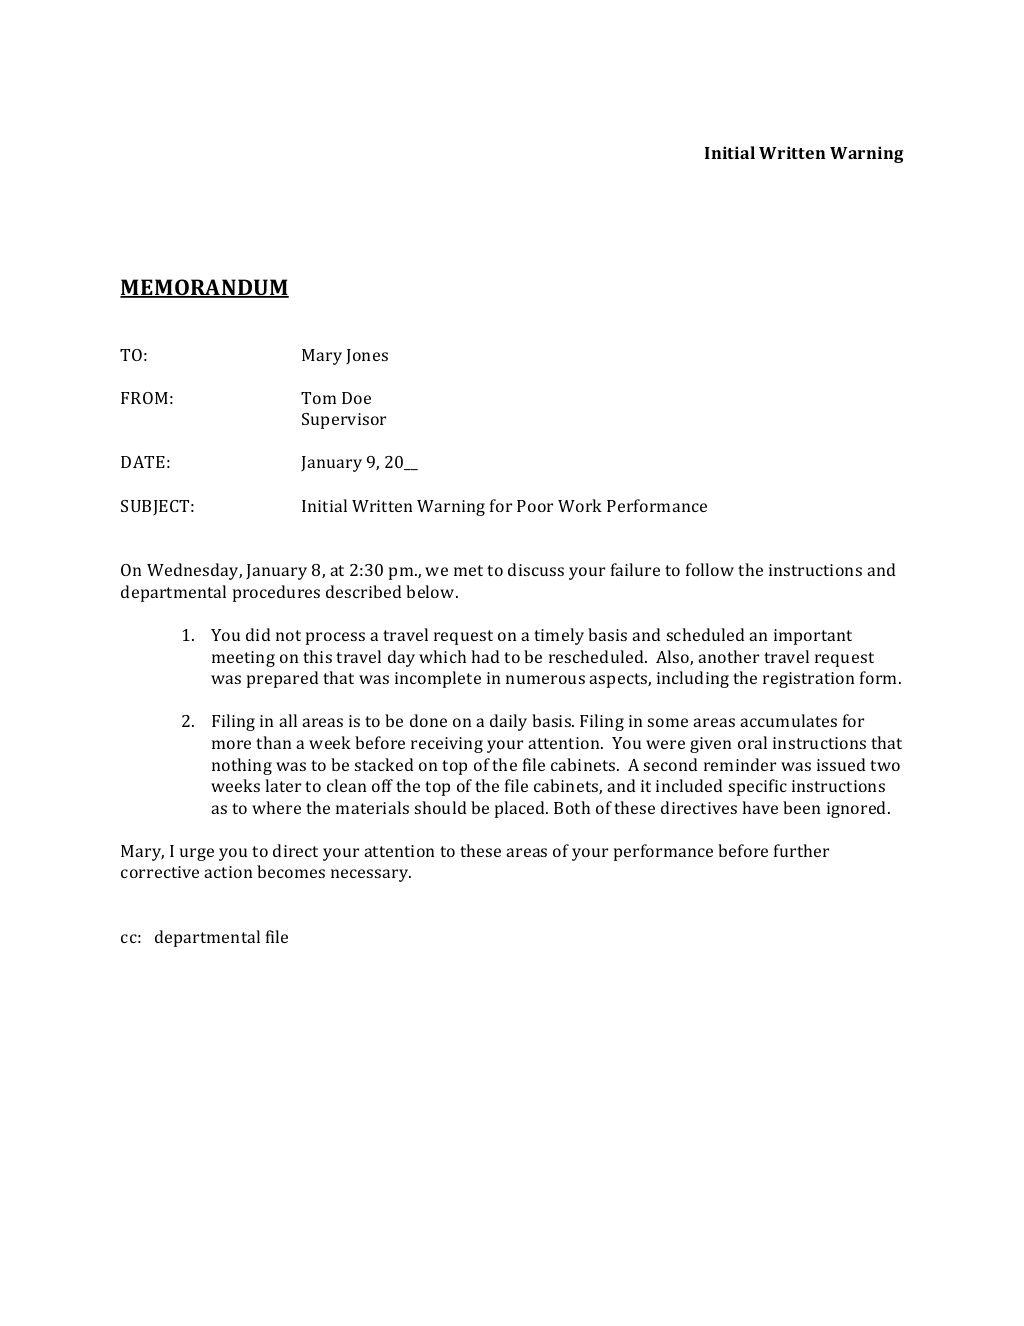 Initial Written Warning Memorandum To Mary Jones From Tom Doe Supervisor Cover Letter For Resume Memorandum Letters Legal memo to file template